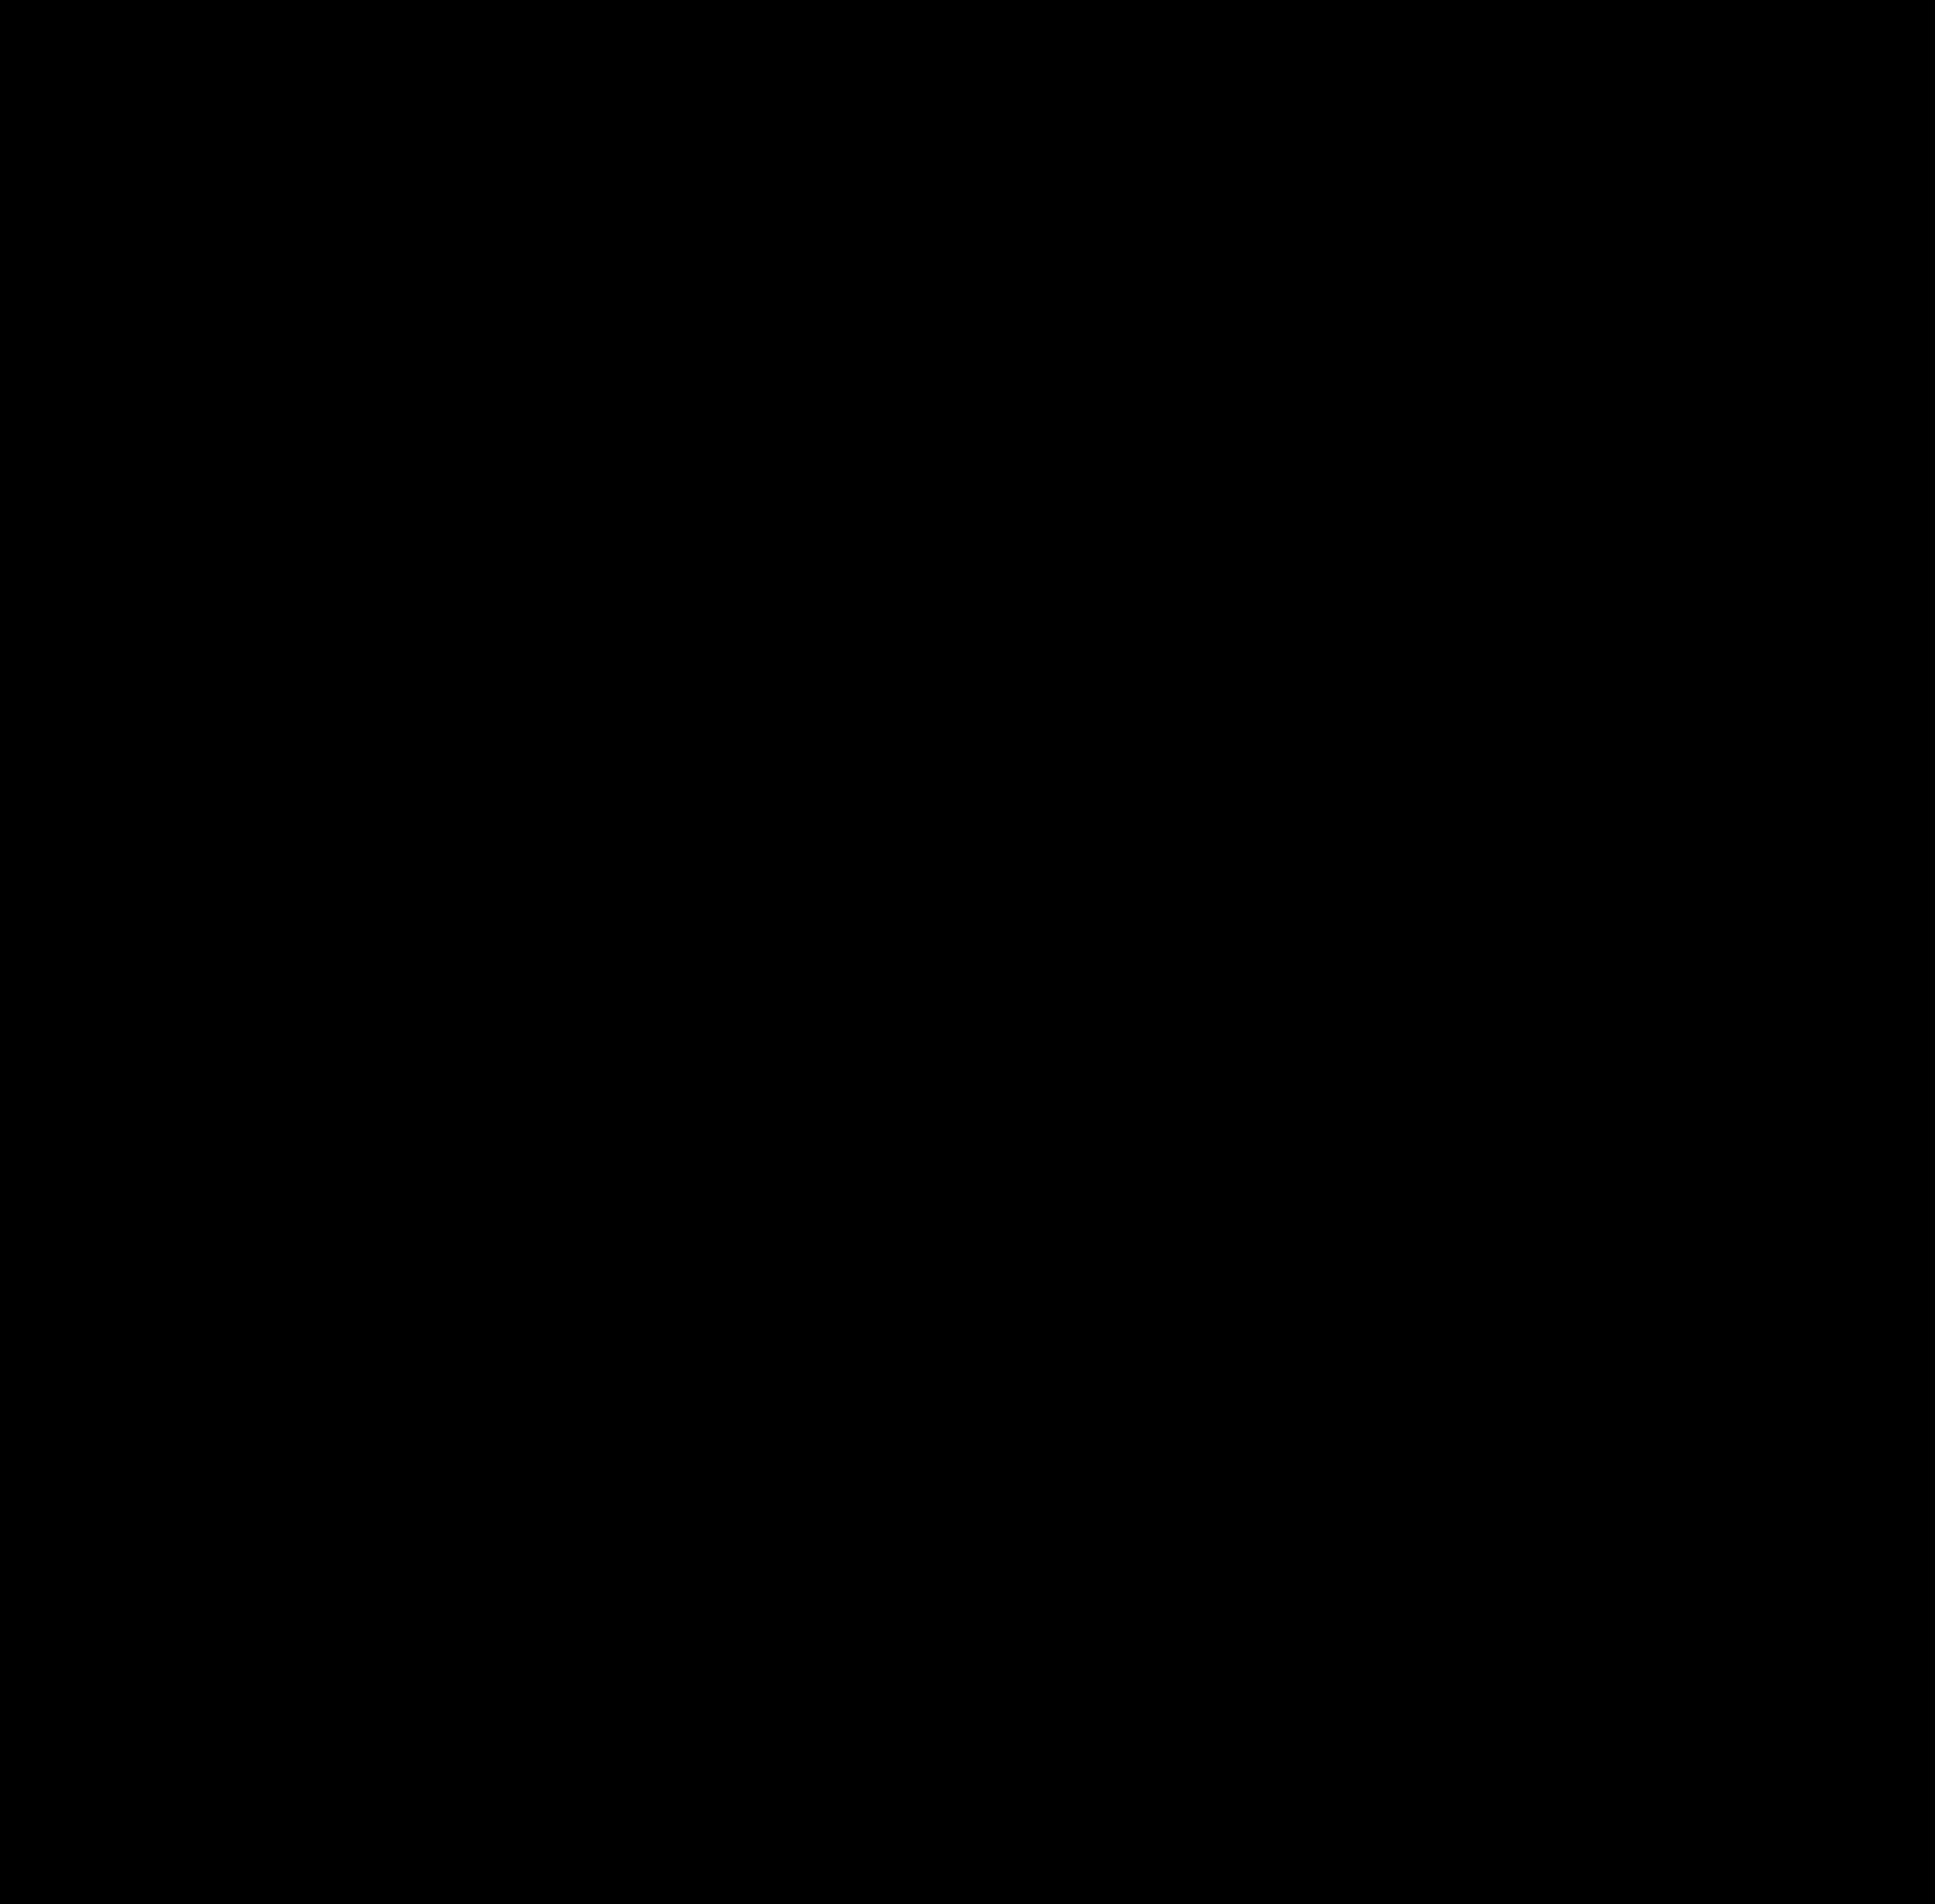 noun_signal_1962103.png